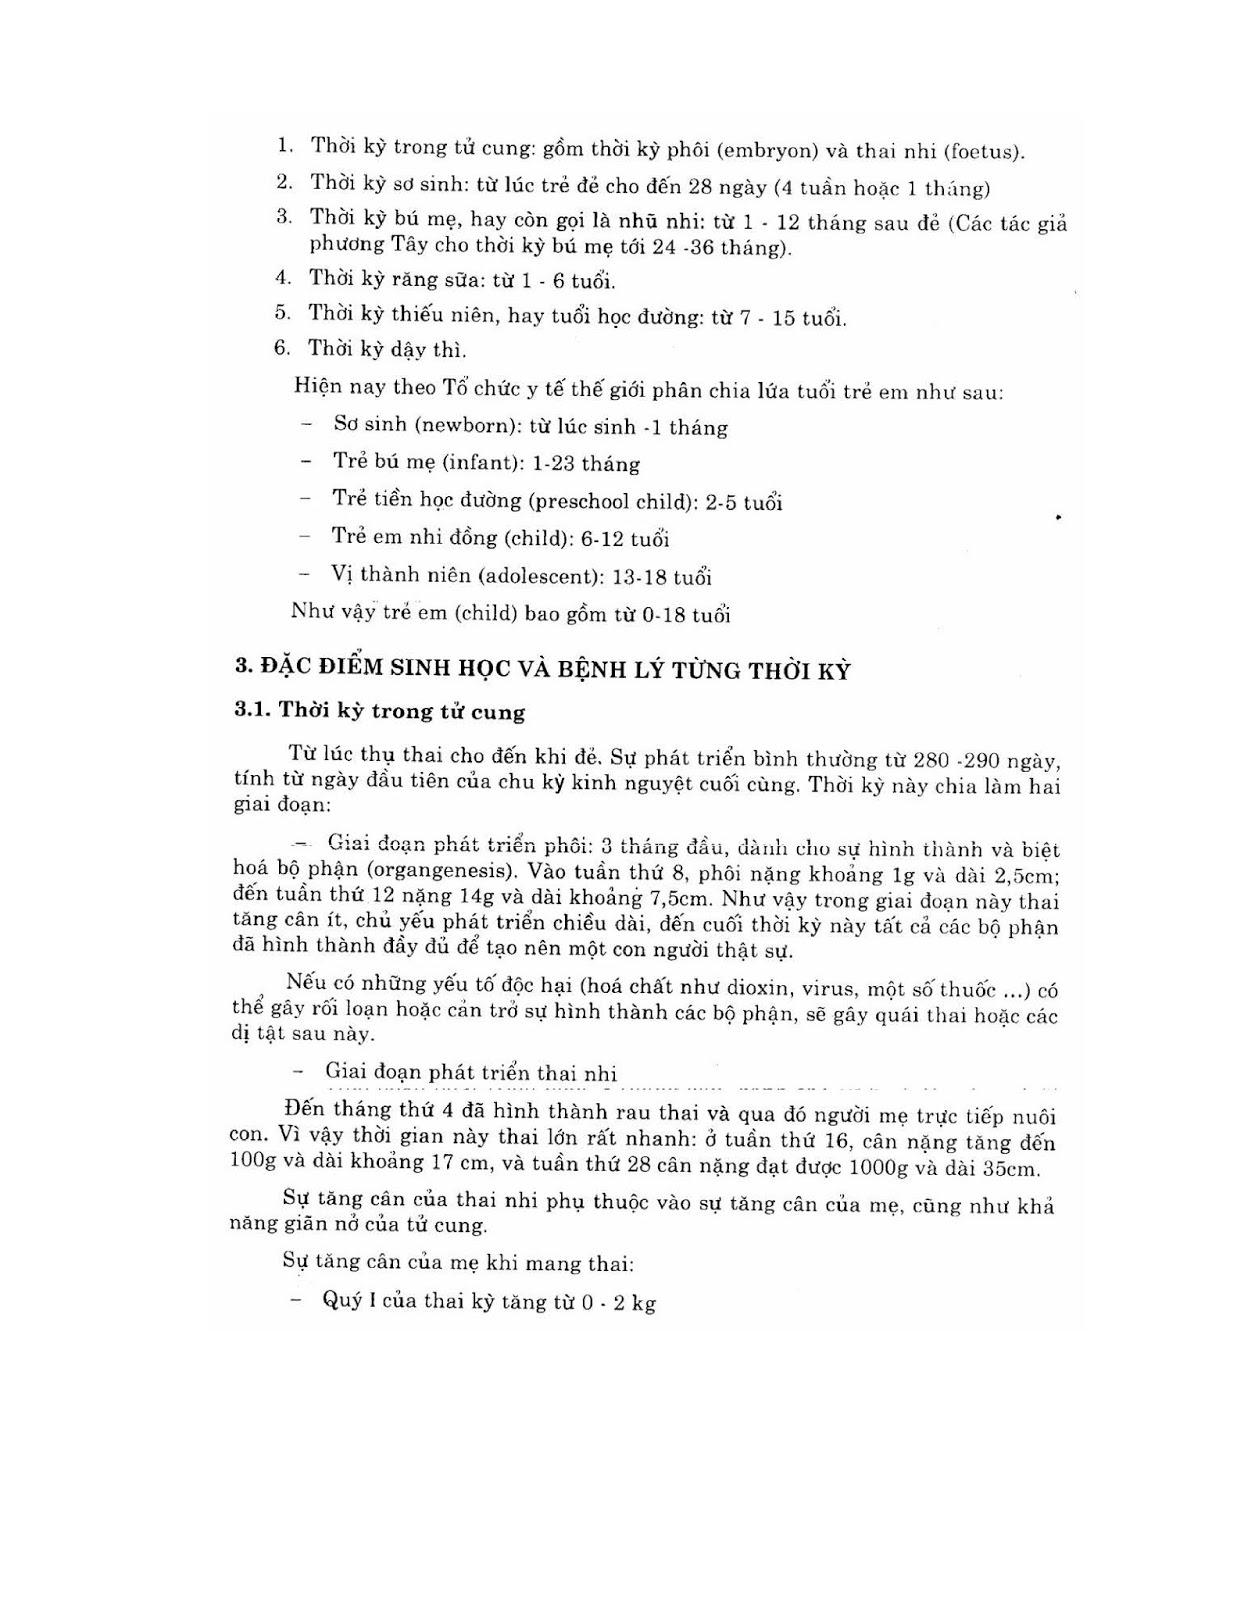 Trang 5 sach